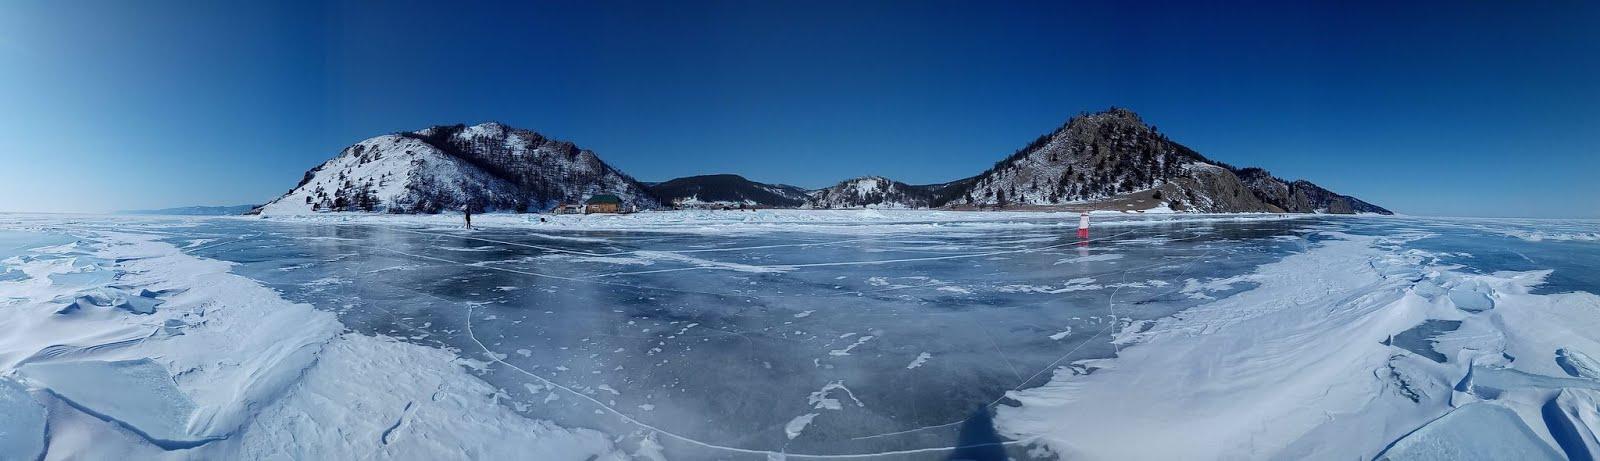 Солнечный март на Байкале. Ваше весеннее приключение!